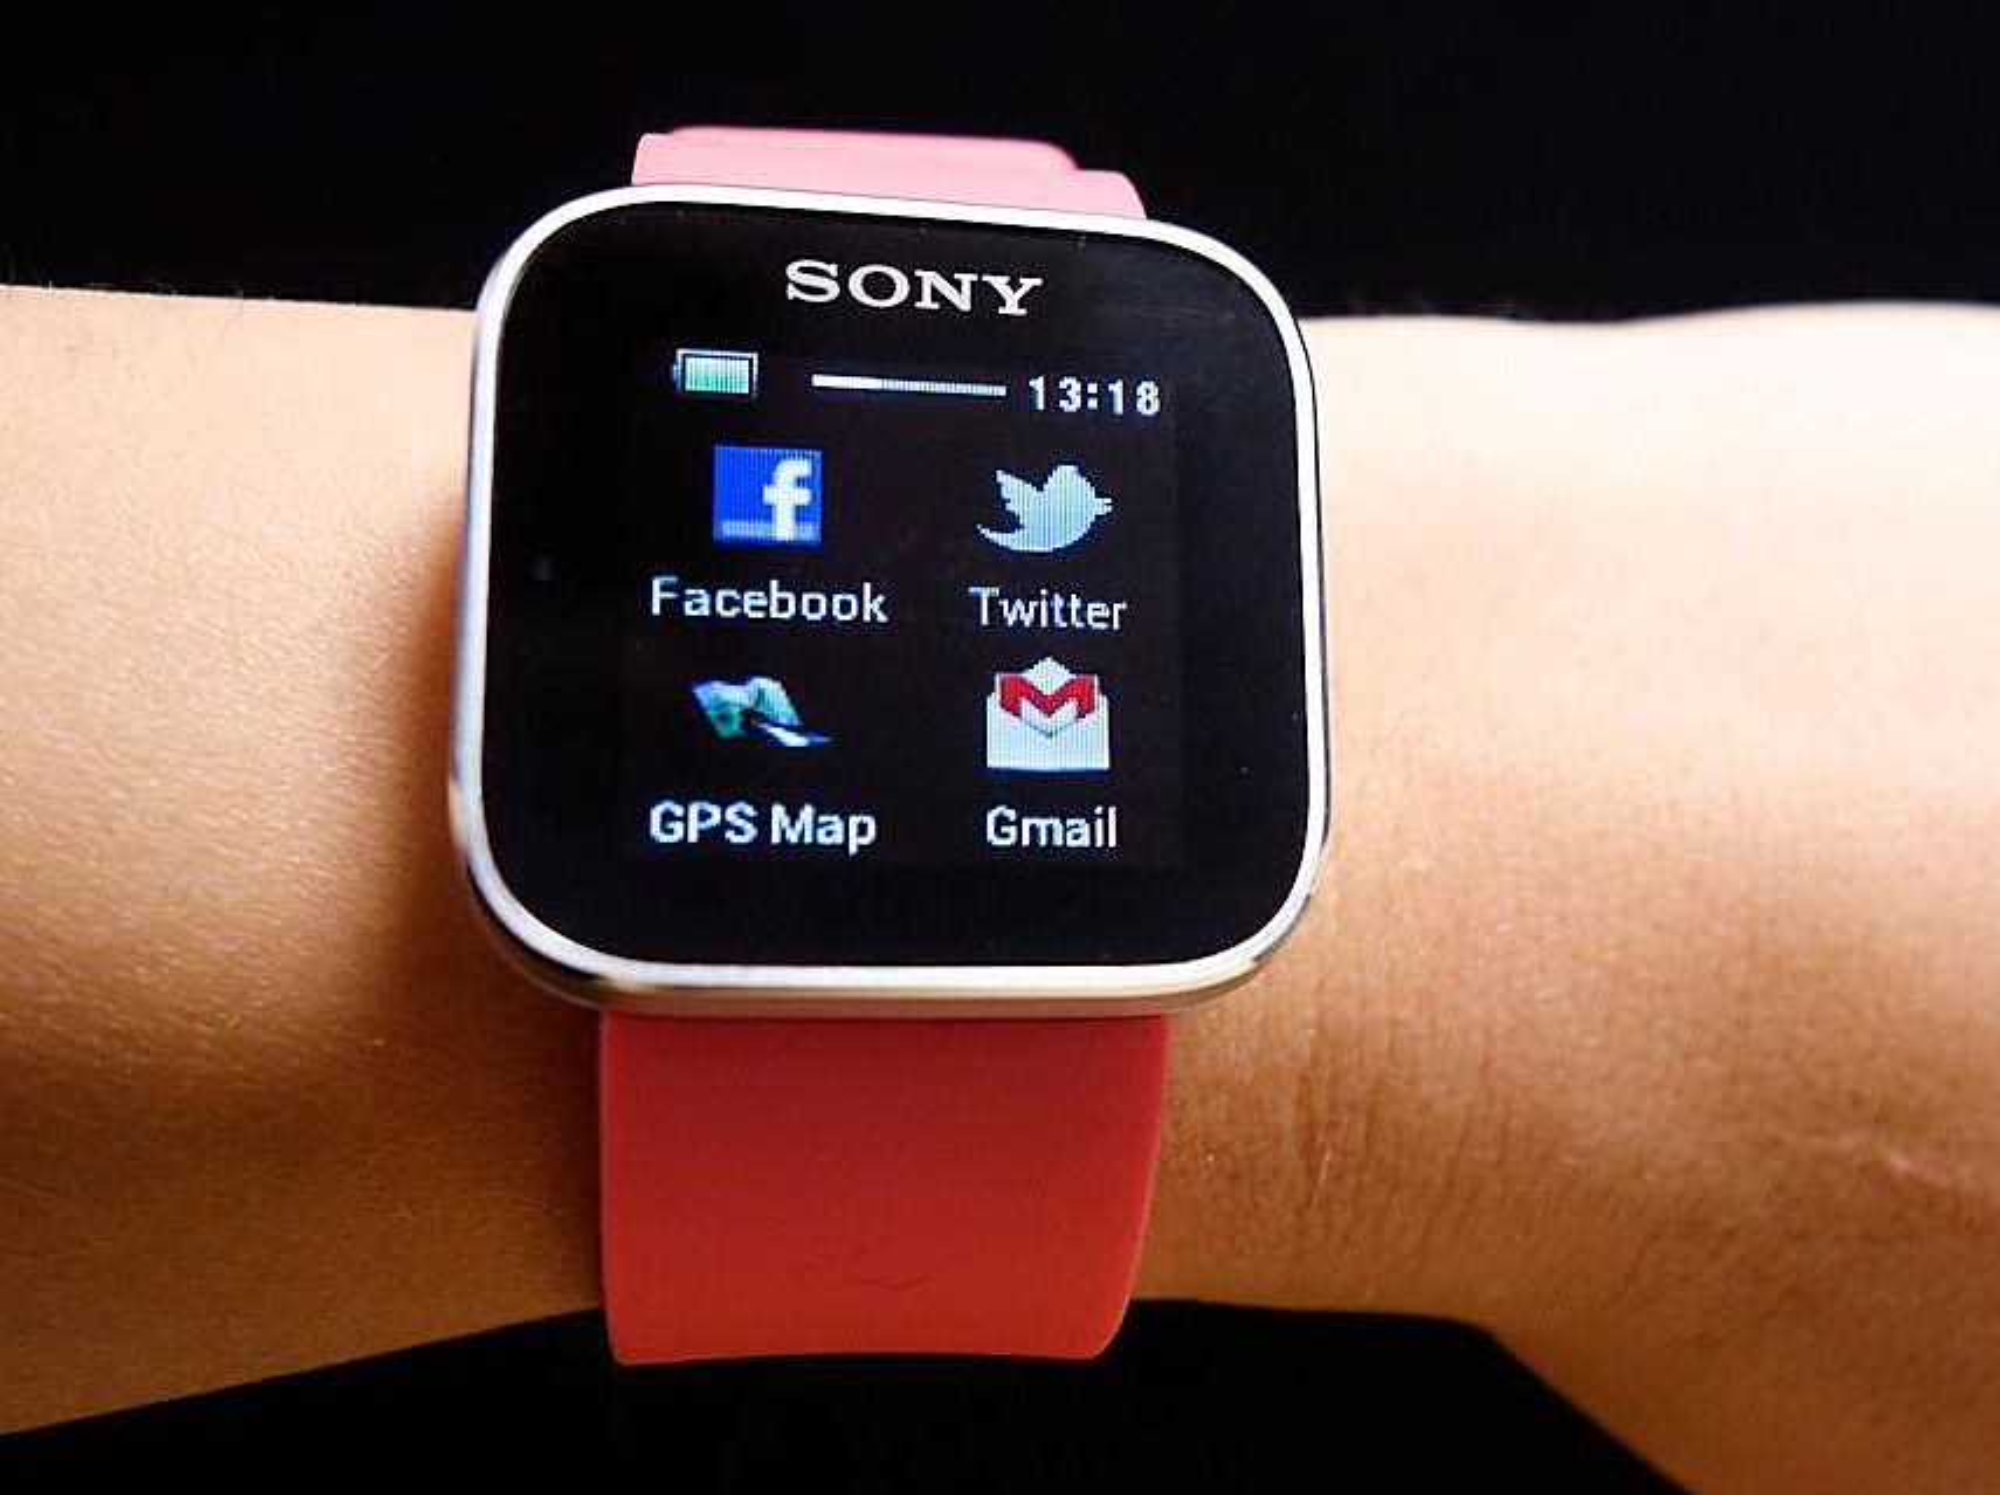 Er på markedet: Sonys SmartWatch har vært på markedet et års tid, men er nok for begrenset til å skape det store kjøperushet.